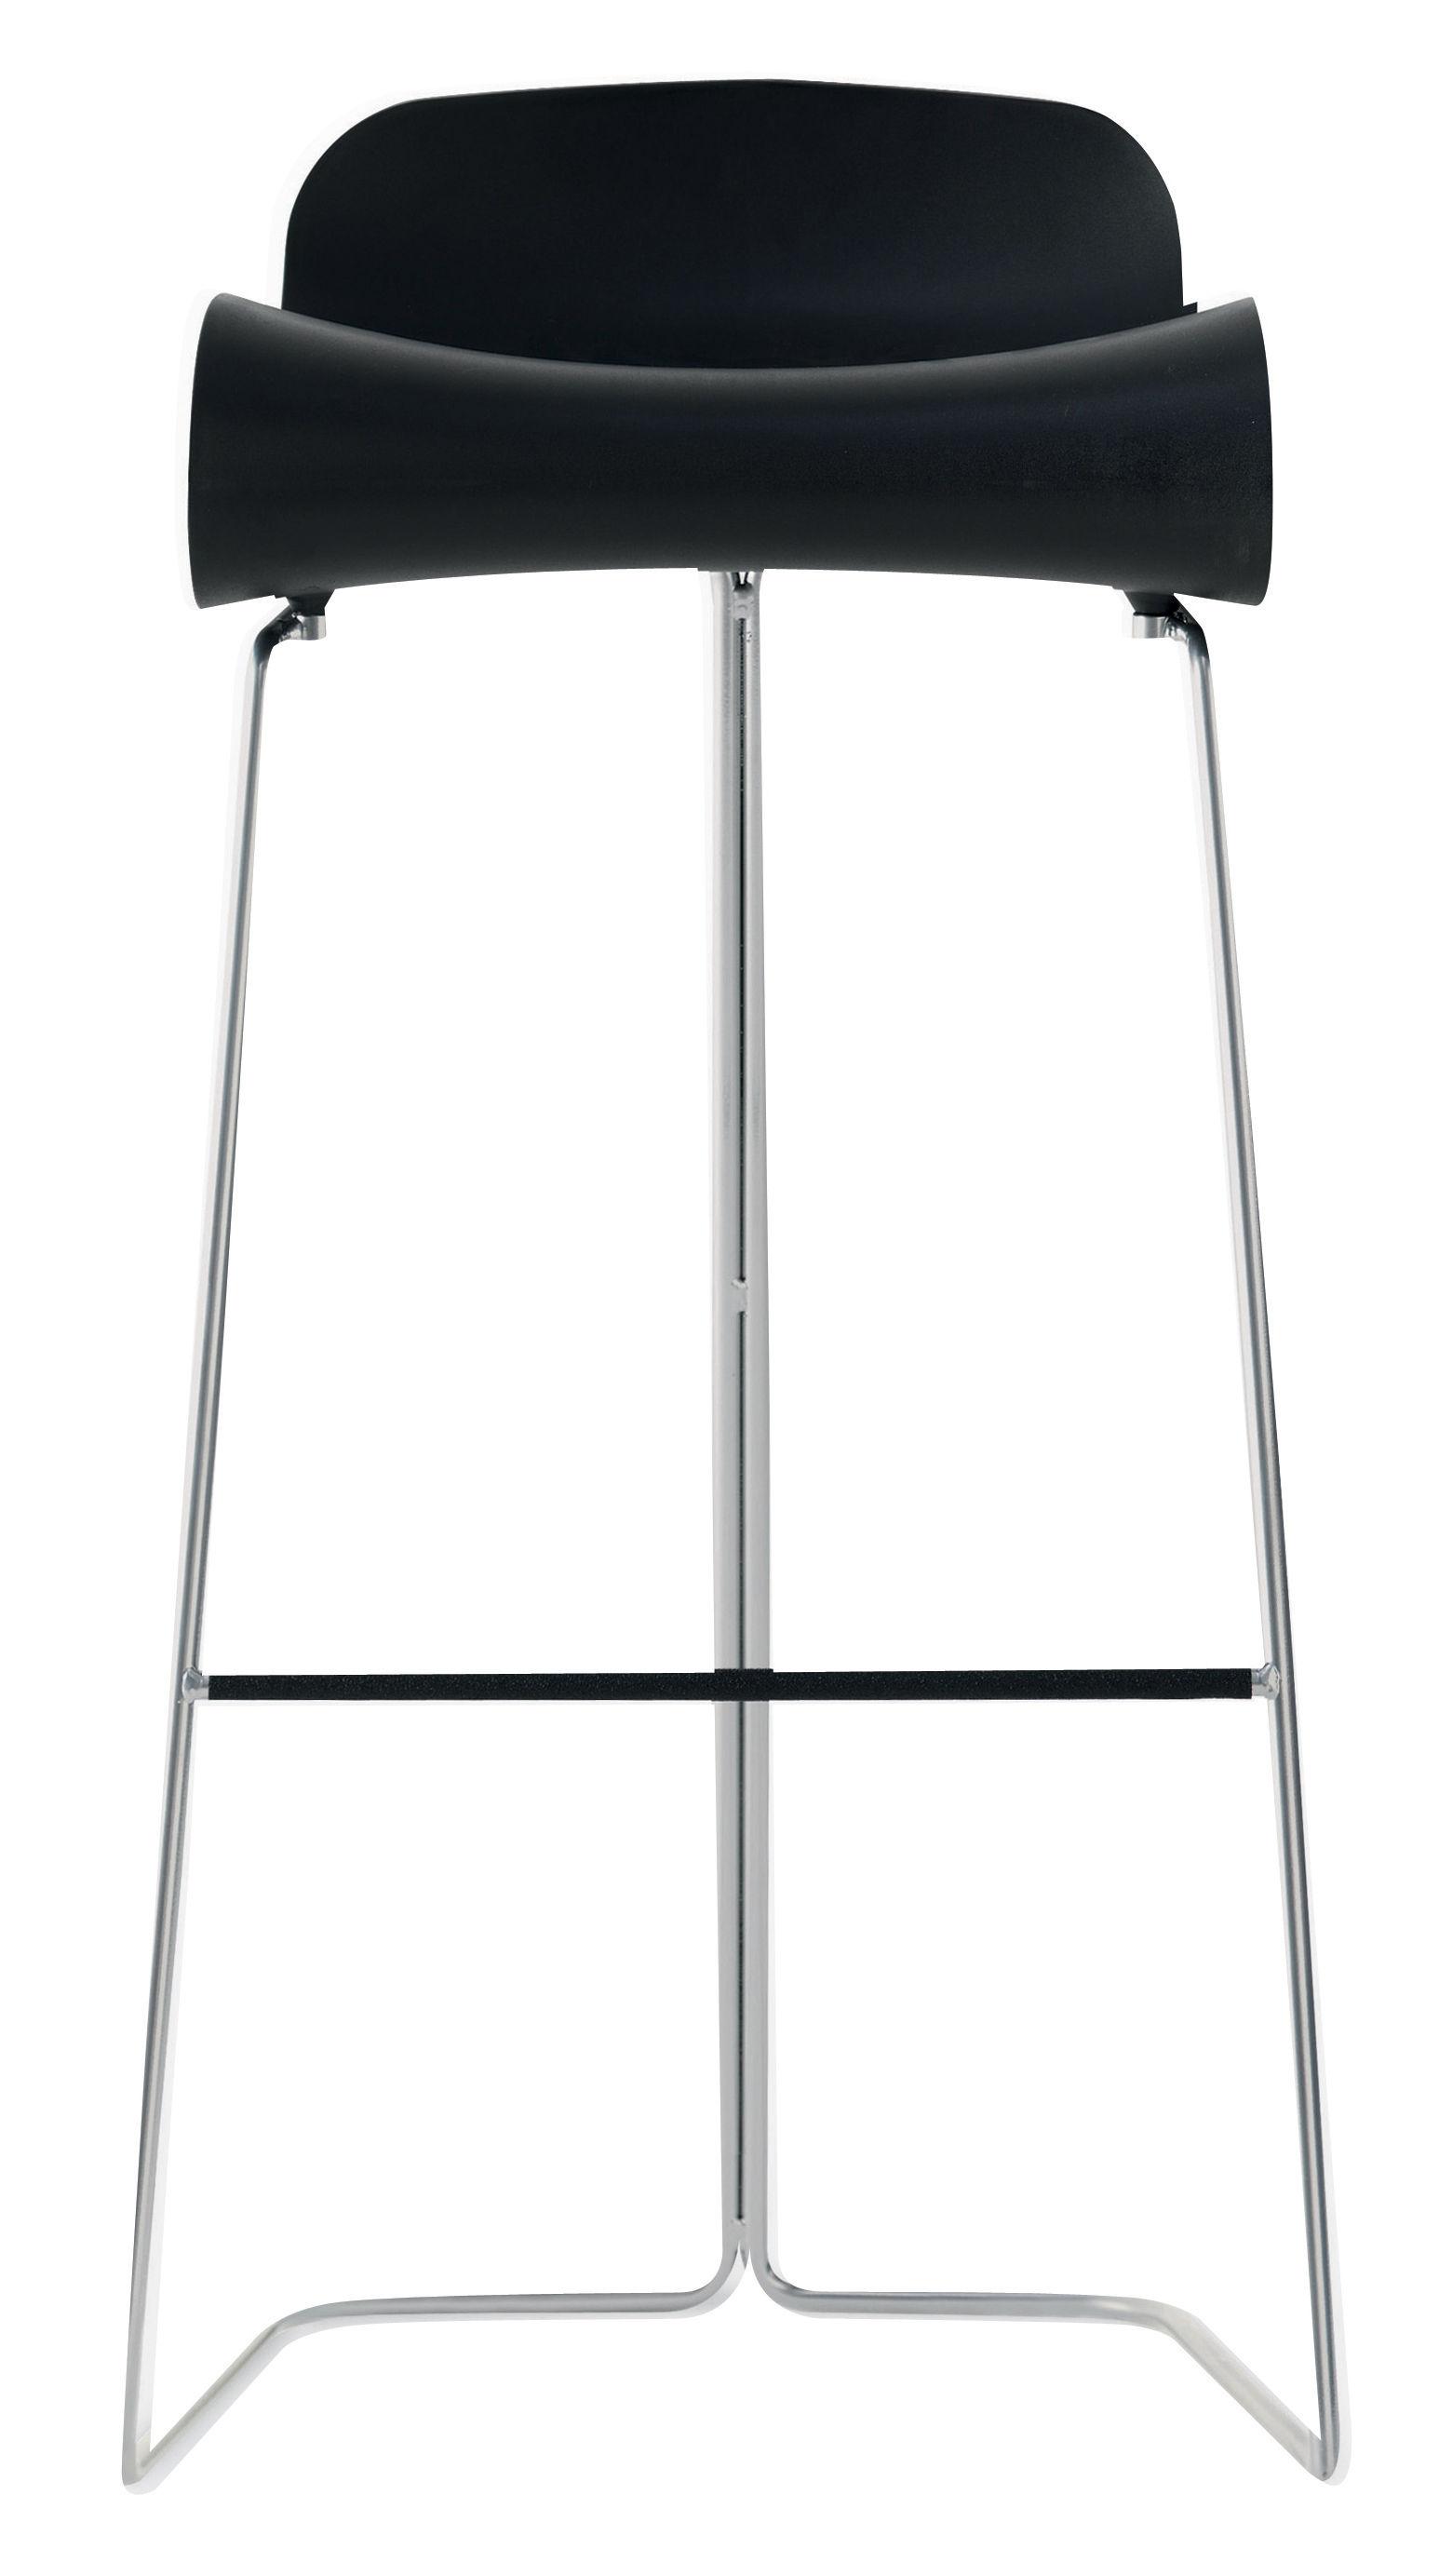 Mobilier - Tabourets de bar - Tabouret de bar BCN / H 76 cm - Kristalia - Noir / Pied chromé - Acier verni, Plastique PBT